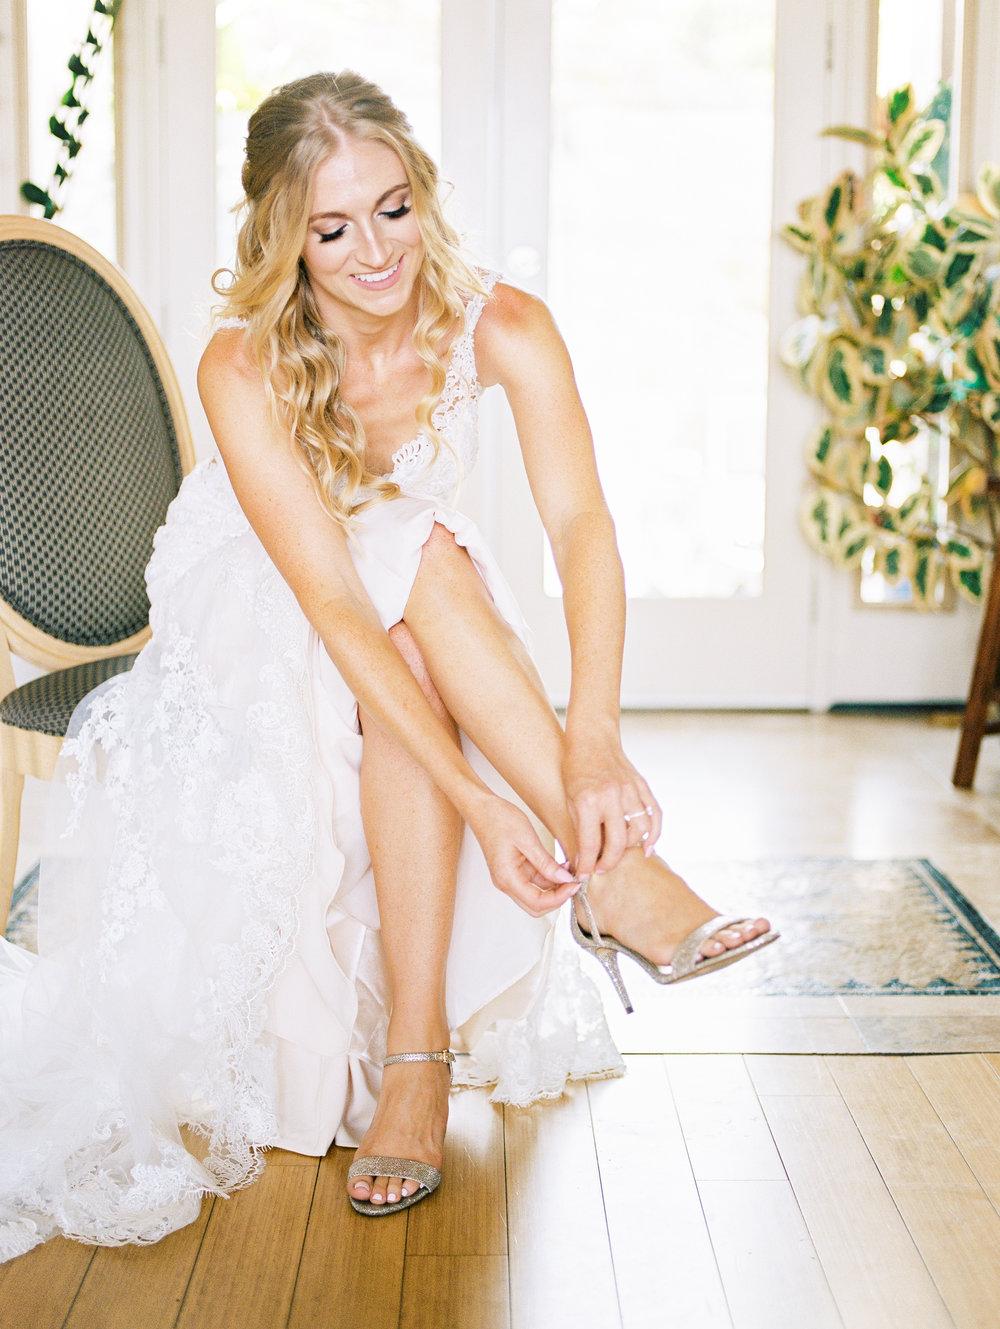 dennisroycoronel_ashleyanthony_vanessahudgens_austinbutler_wedding_losangeles_photographer-26.jpg